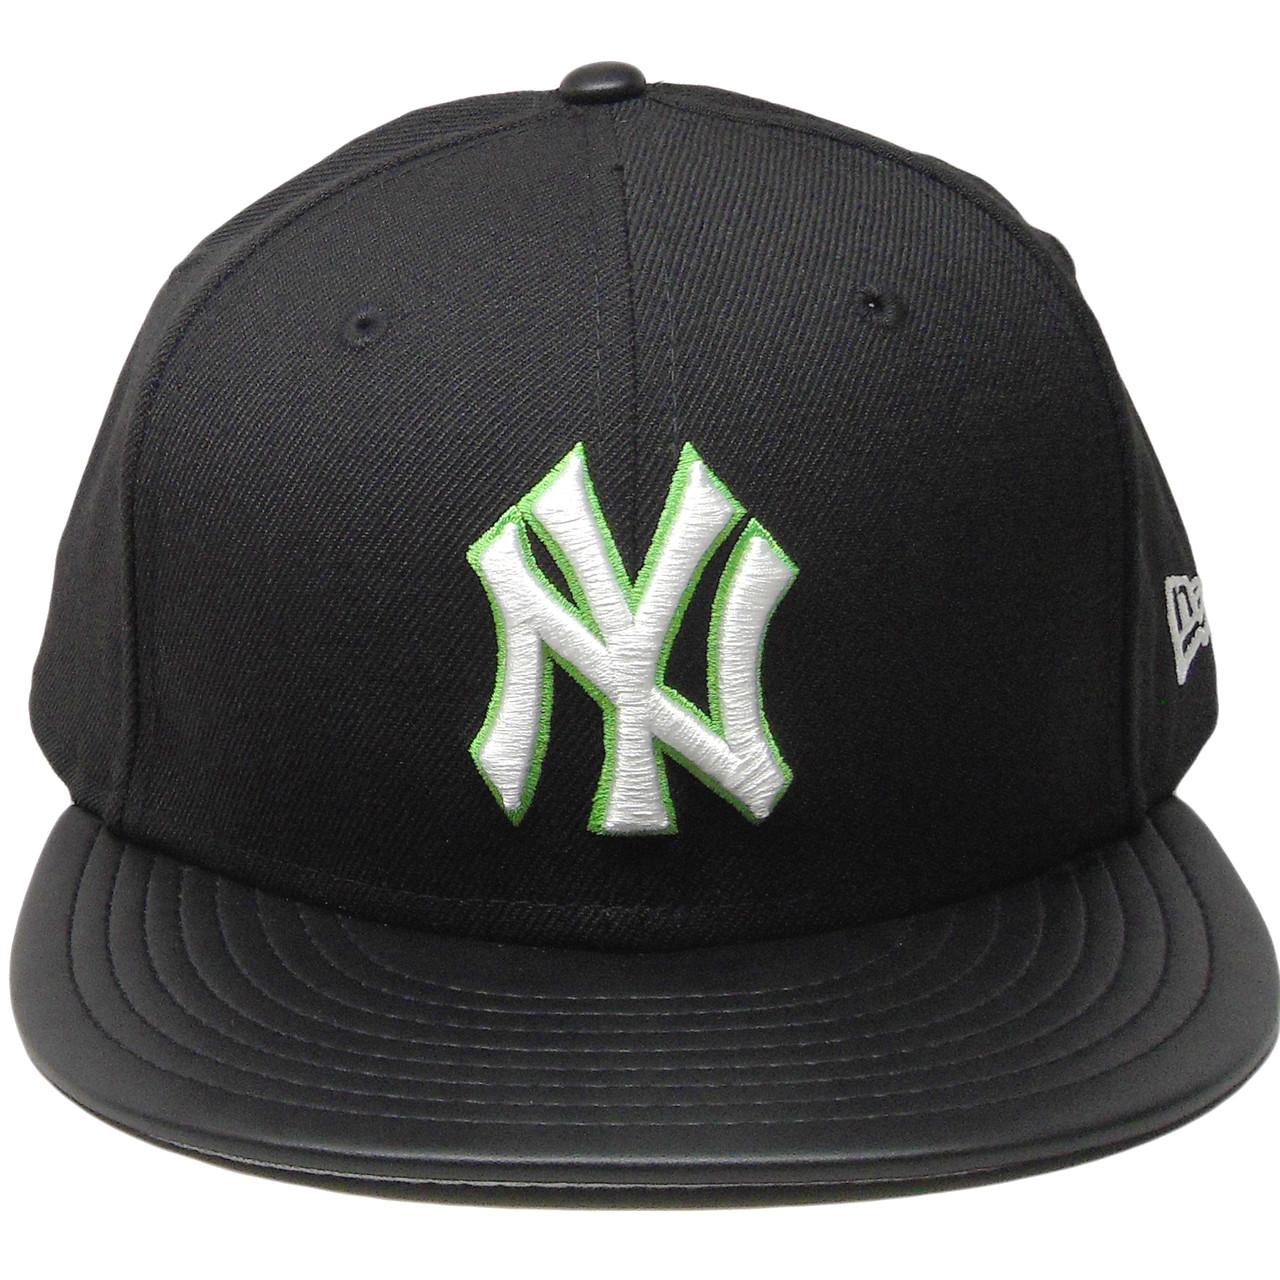 b9087796805432 spain copper glow fitted cap59fifty new era bf663 ead3e; spain new york  yankees new era 9fifty custom snapback hat black green white bfbab 70102